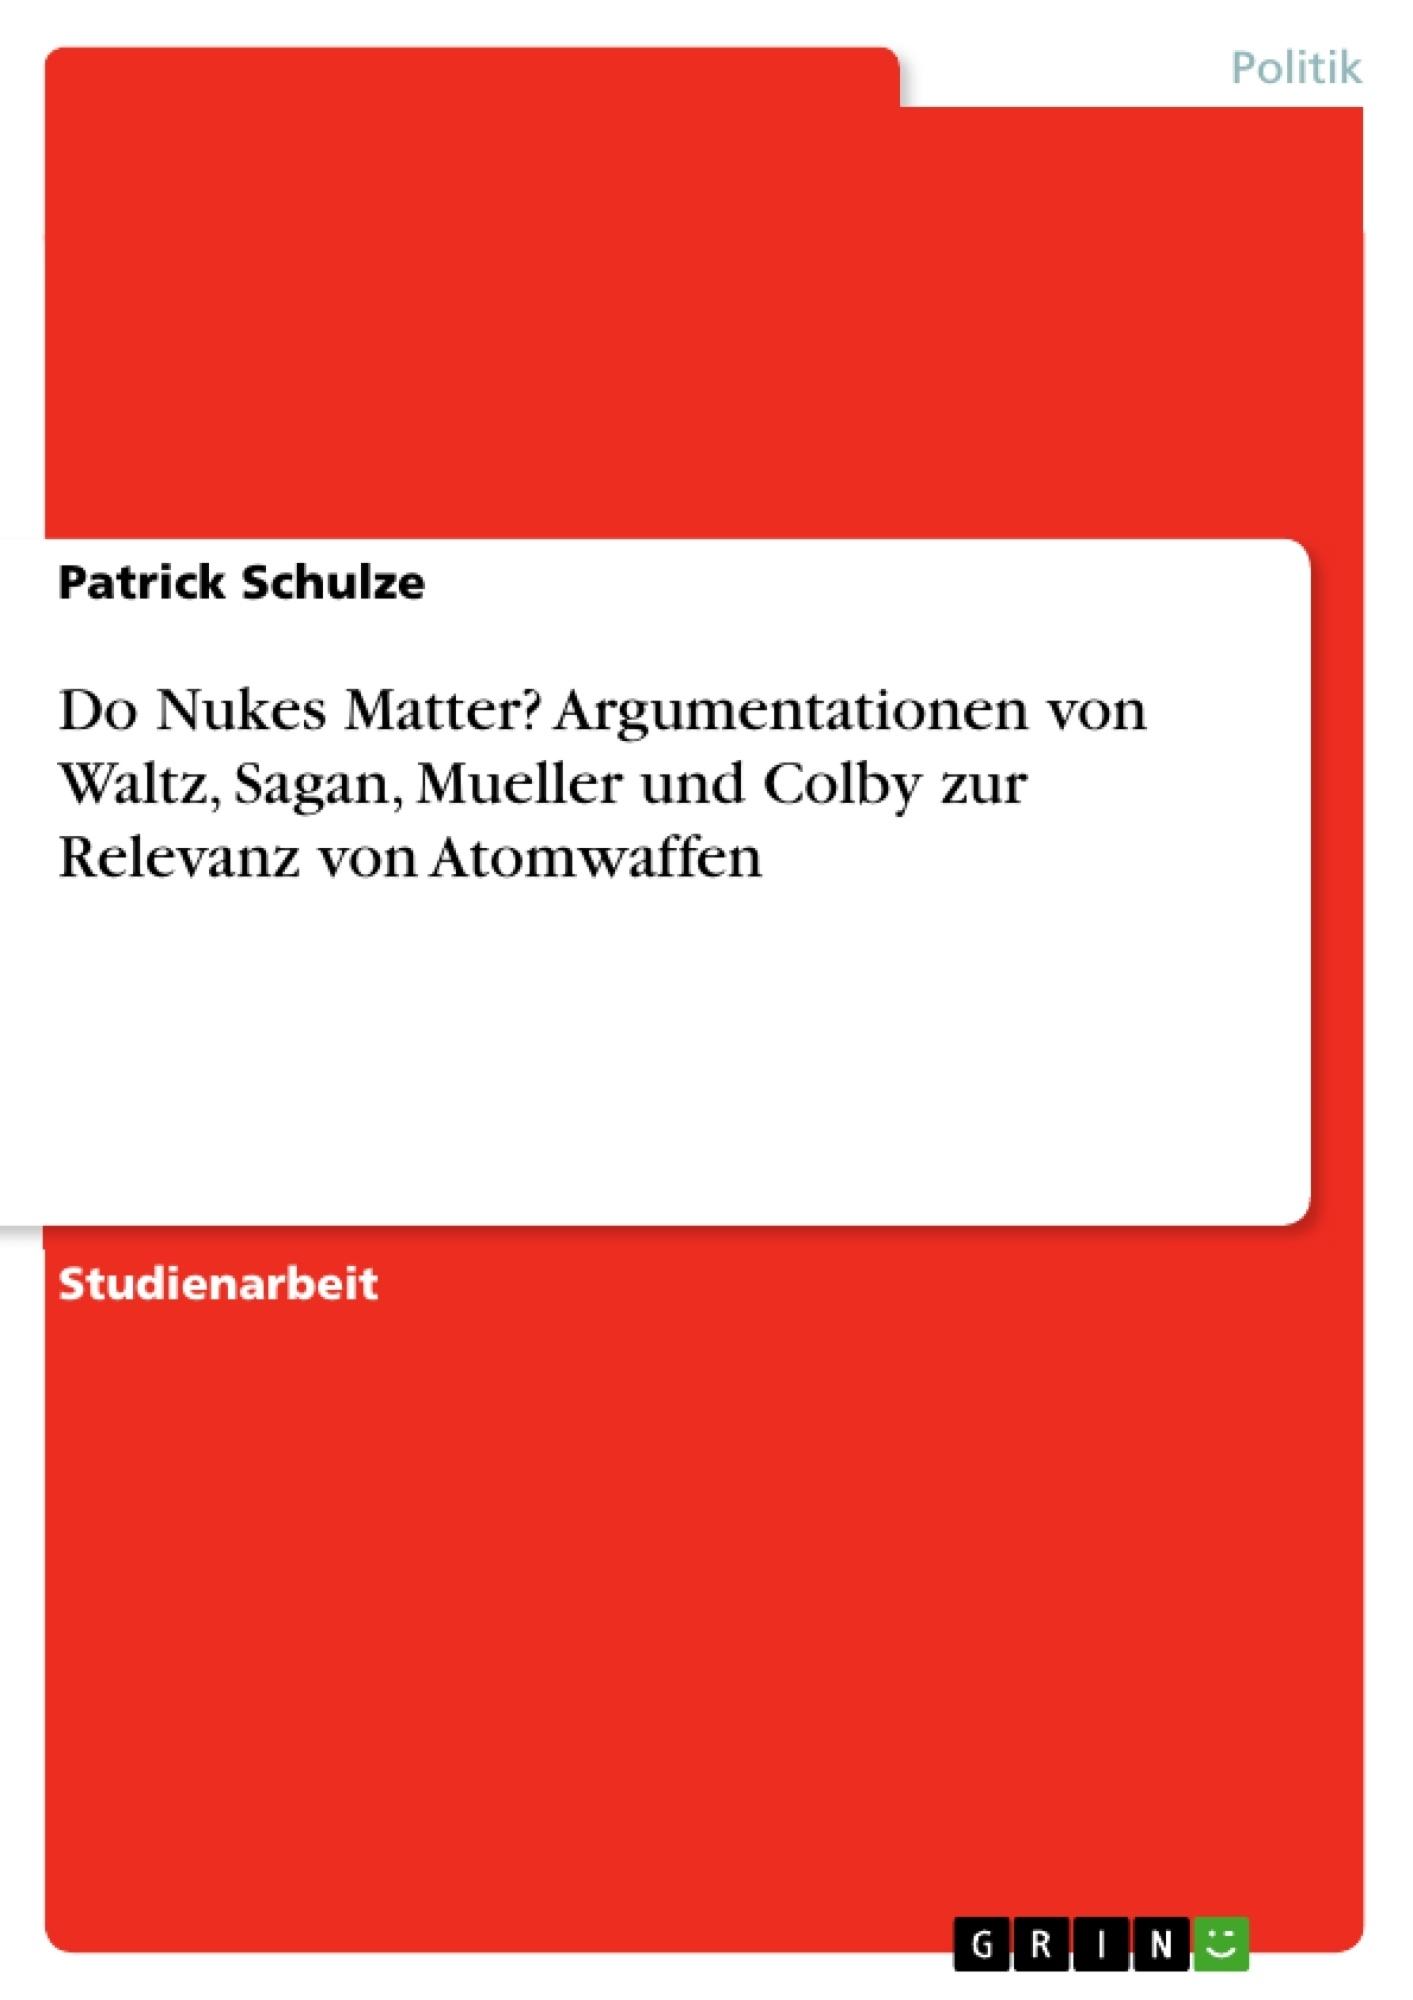 Titel: Do Nukes Matter? Argumentationen von Waltz, Sagan, Mueller und Colby zur Relevanz von Atomwaffen